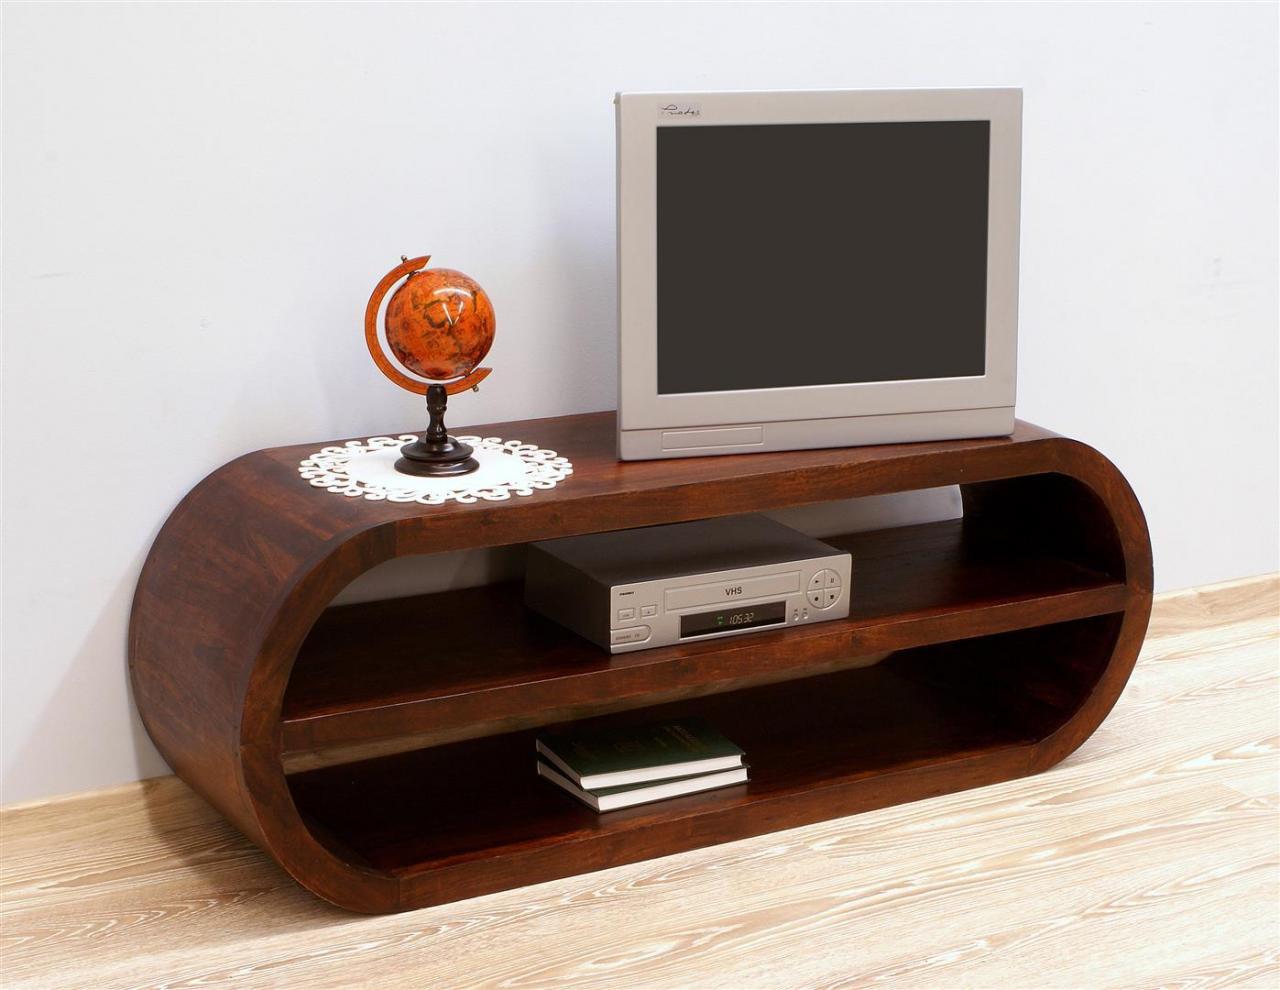 Szafka pod telewizor komoda RTV kolonialna lite drewno palisander indyjski styl nowoczesny ciemny brąz